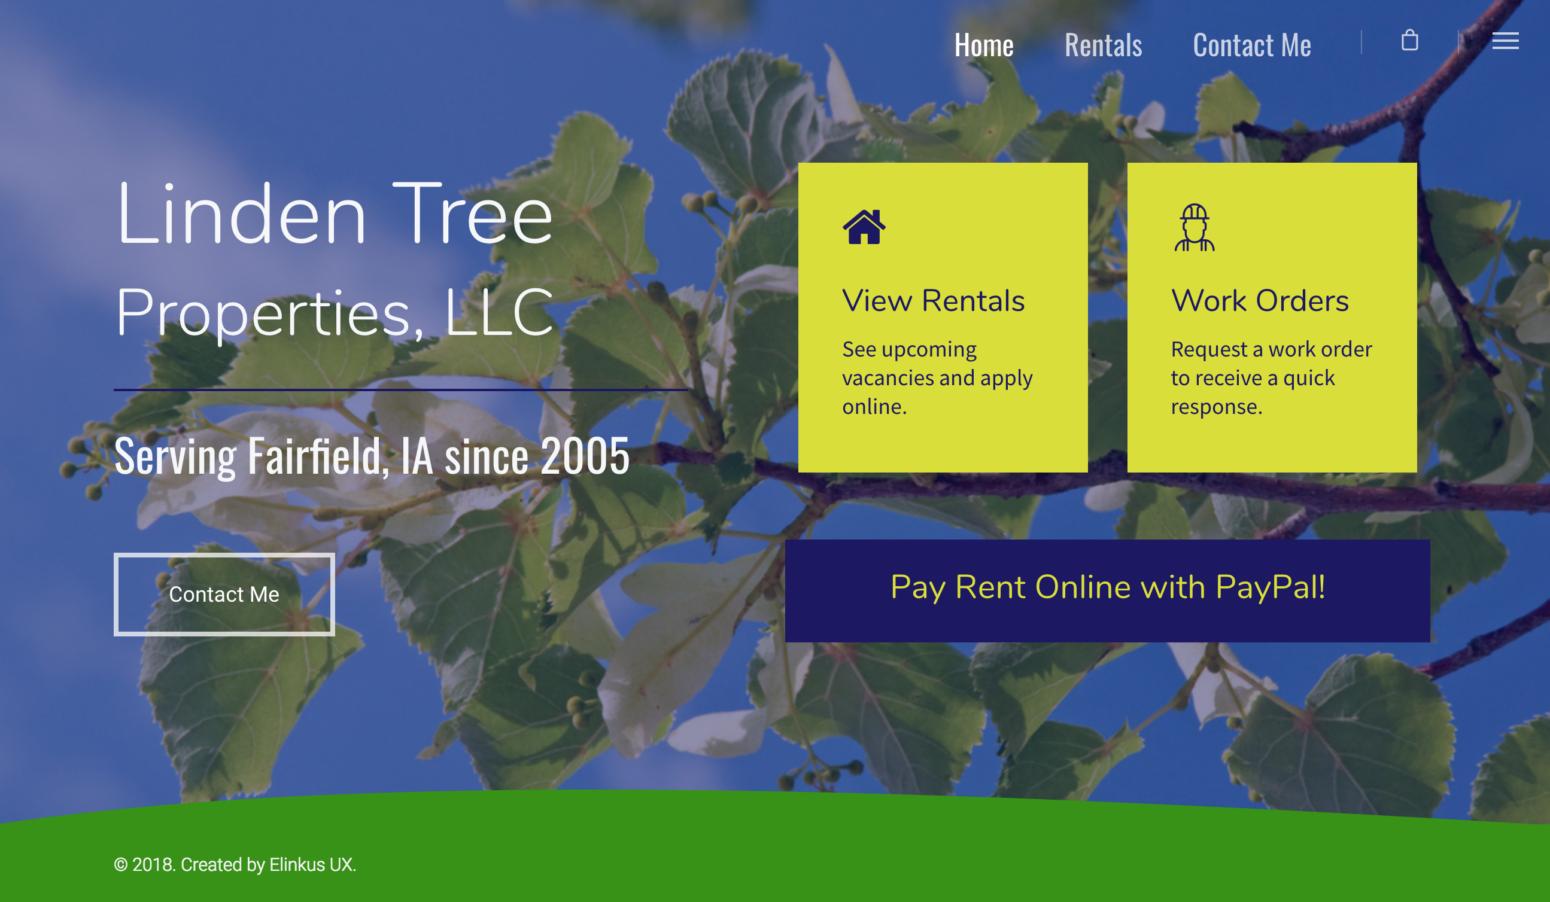 Linden Tree Properties, LLC